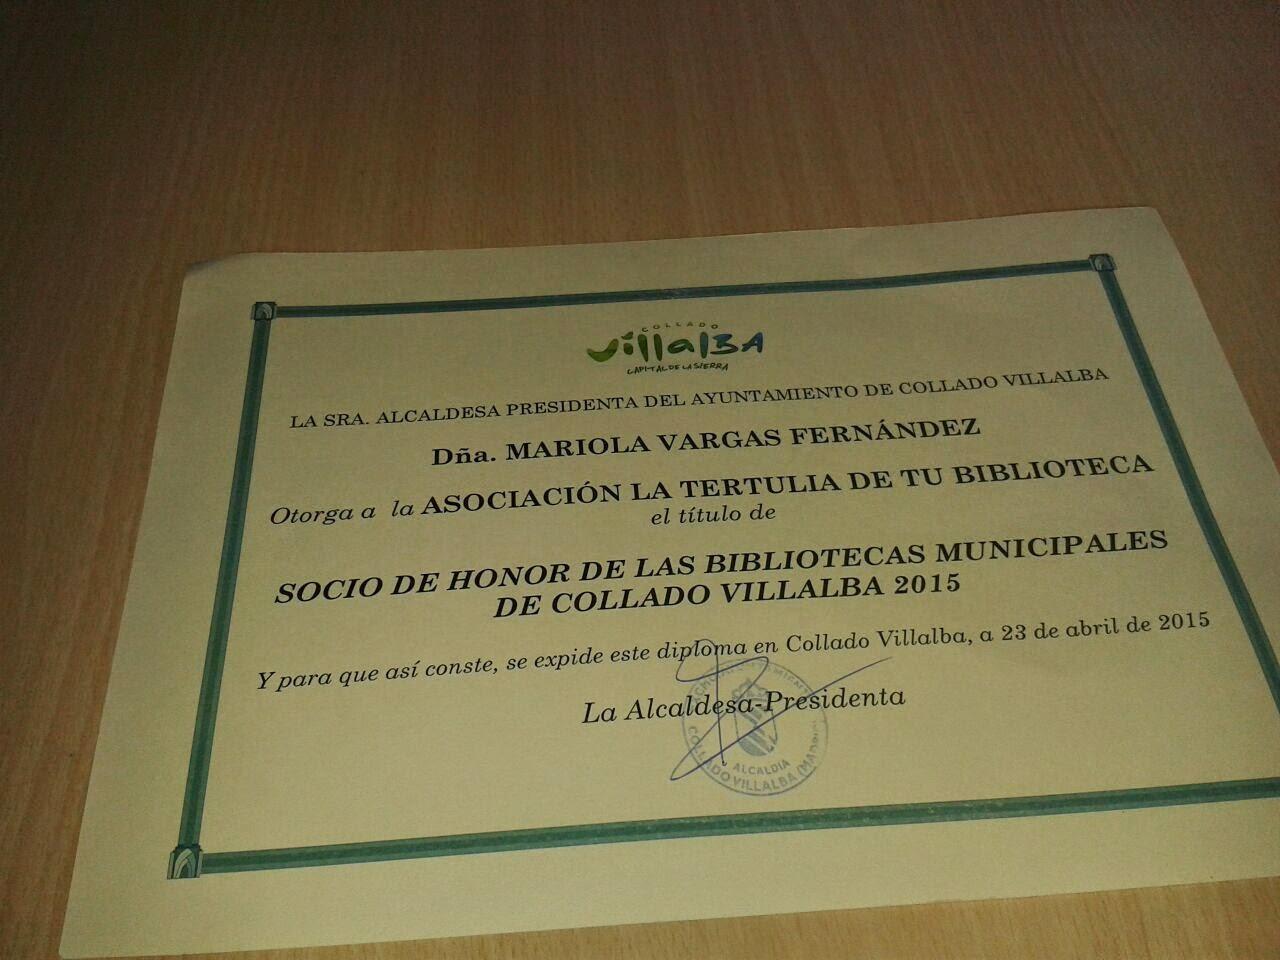 SOCIO DE HONOR 2015